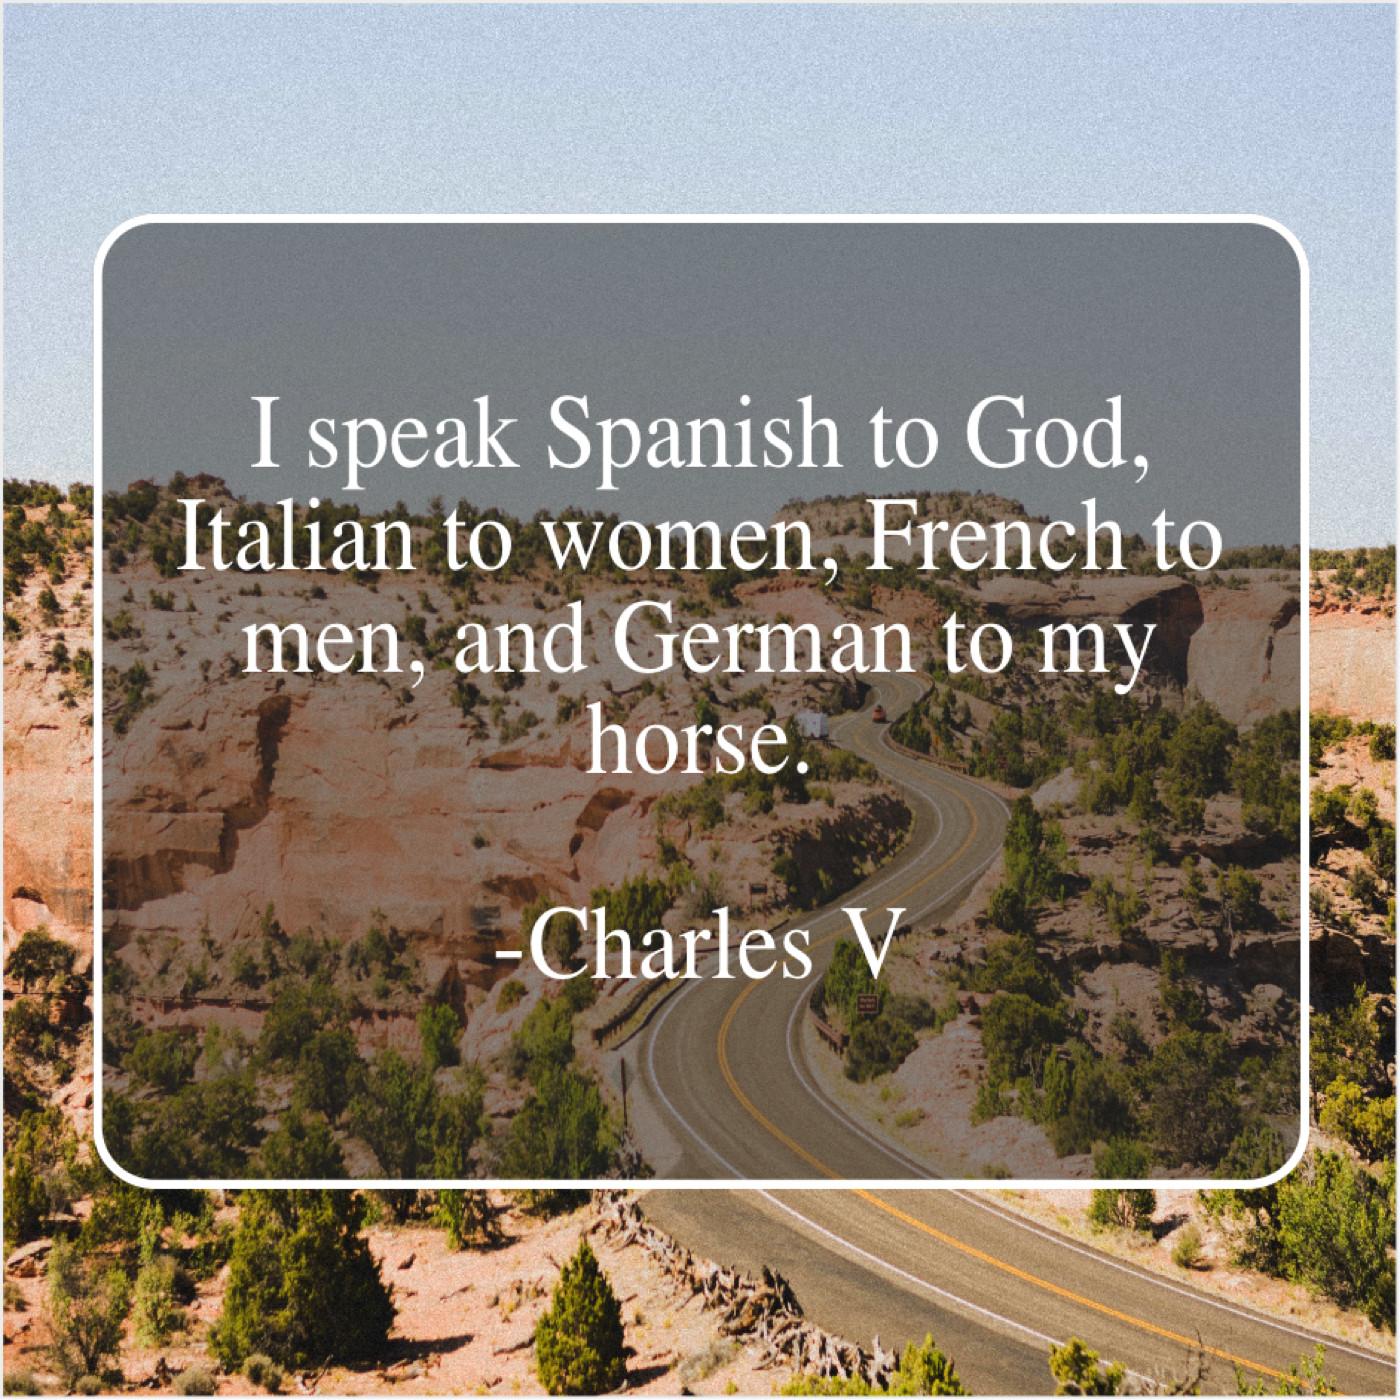 Charles V - I speak Spanish to God... - Quote Climax!